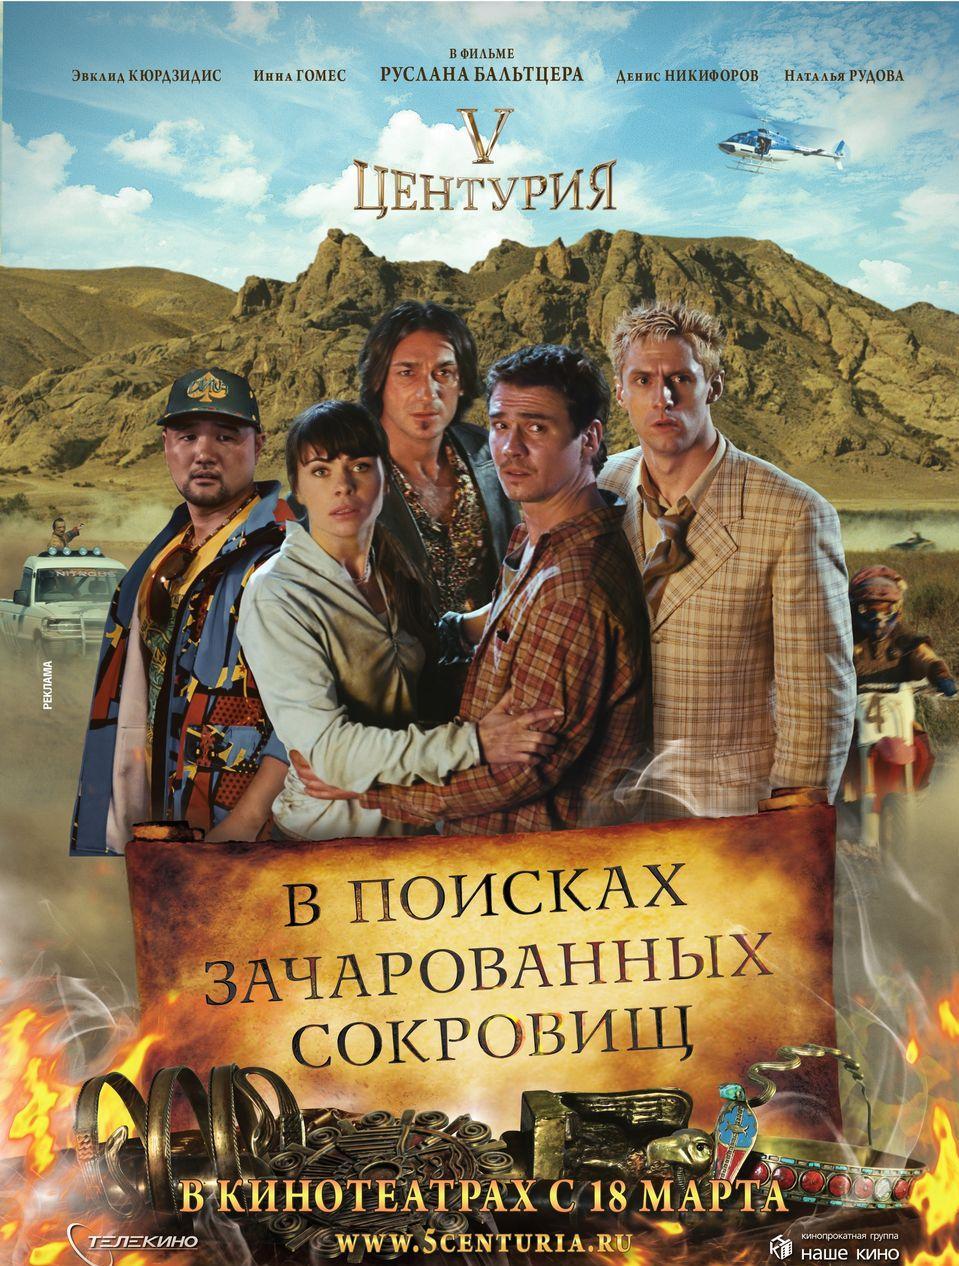 Фильм V Центурия. В поисках зачарованных сокровищ в hd онлайн